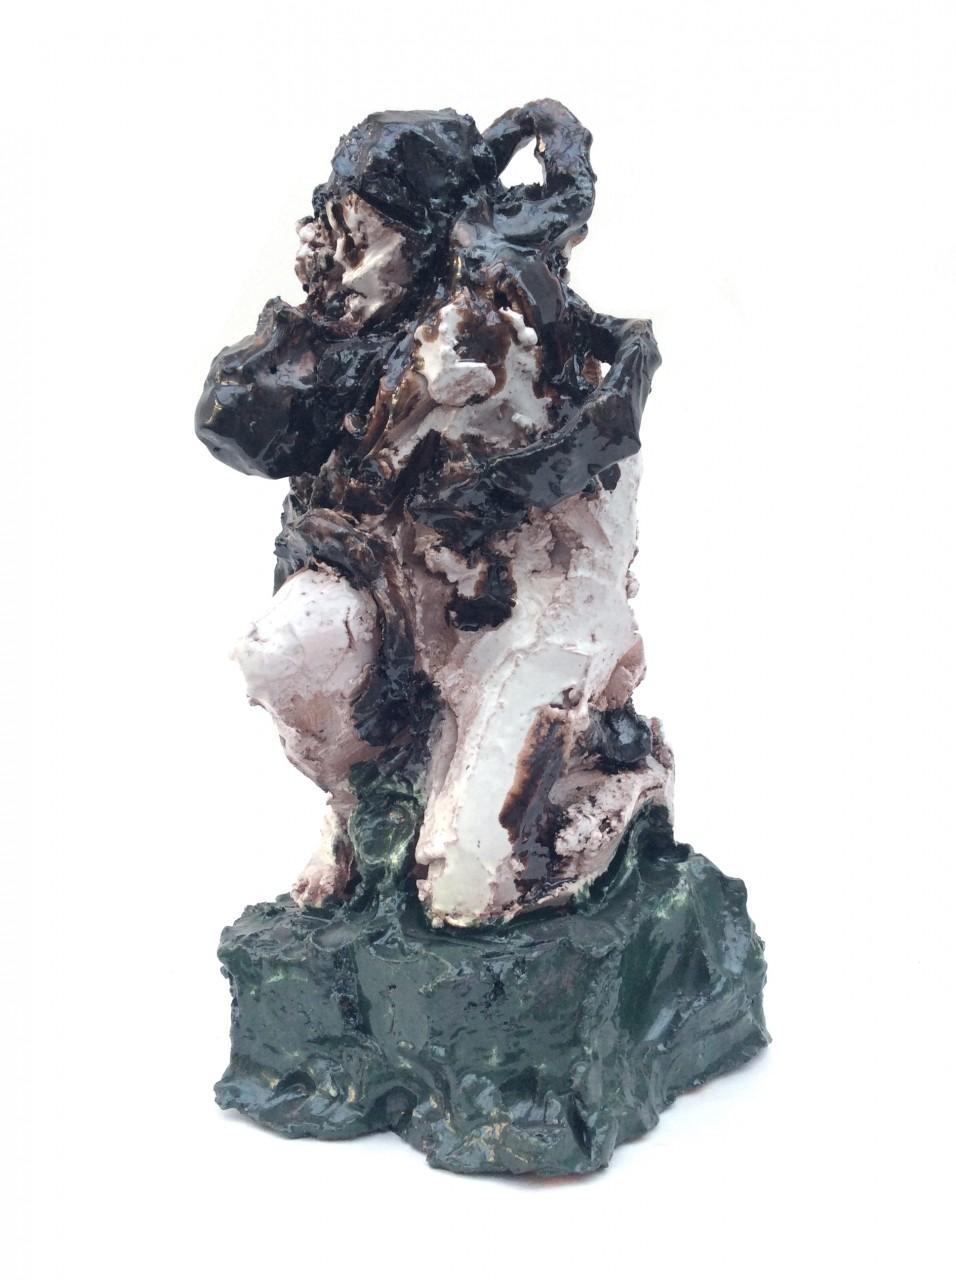 ceramique-gilliatt-laurent-esquerre-6